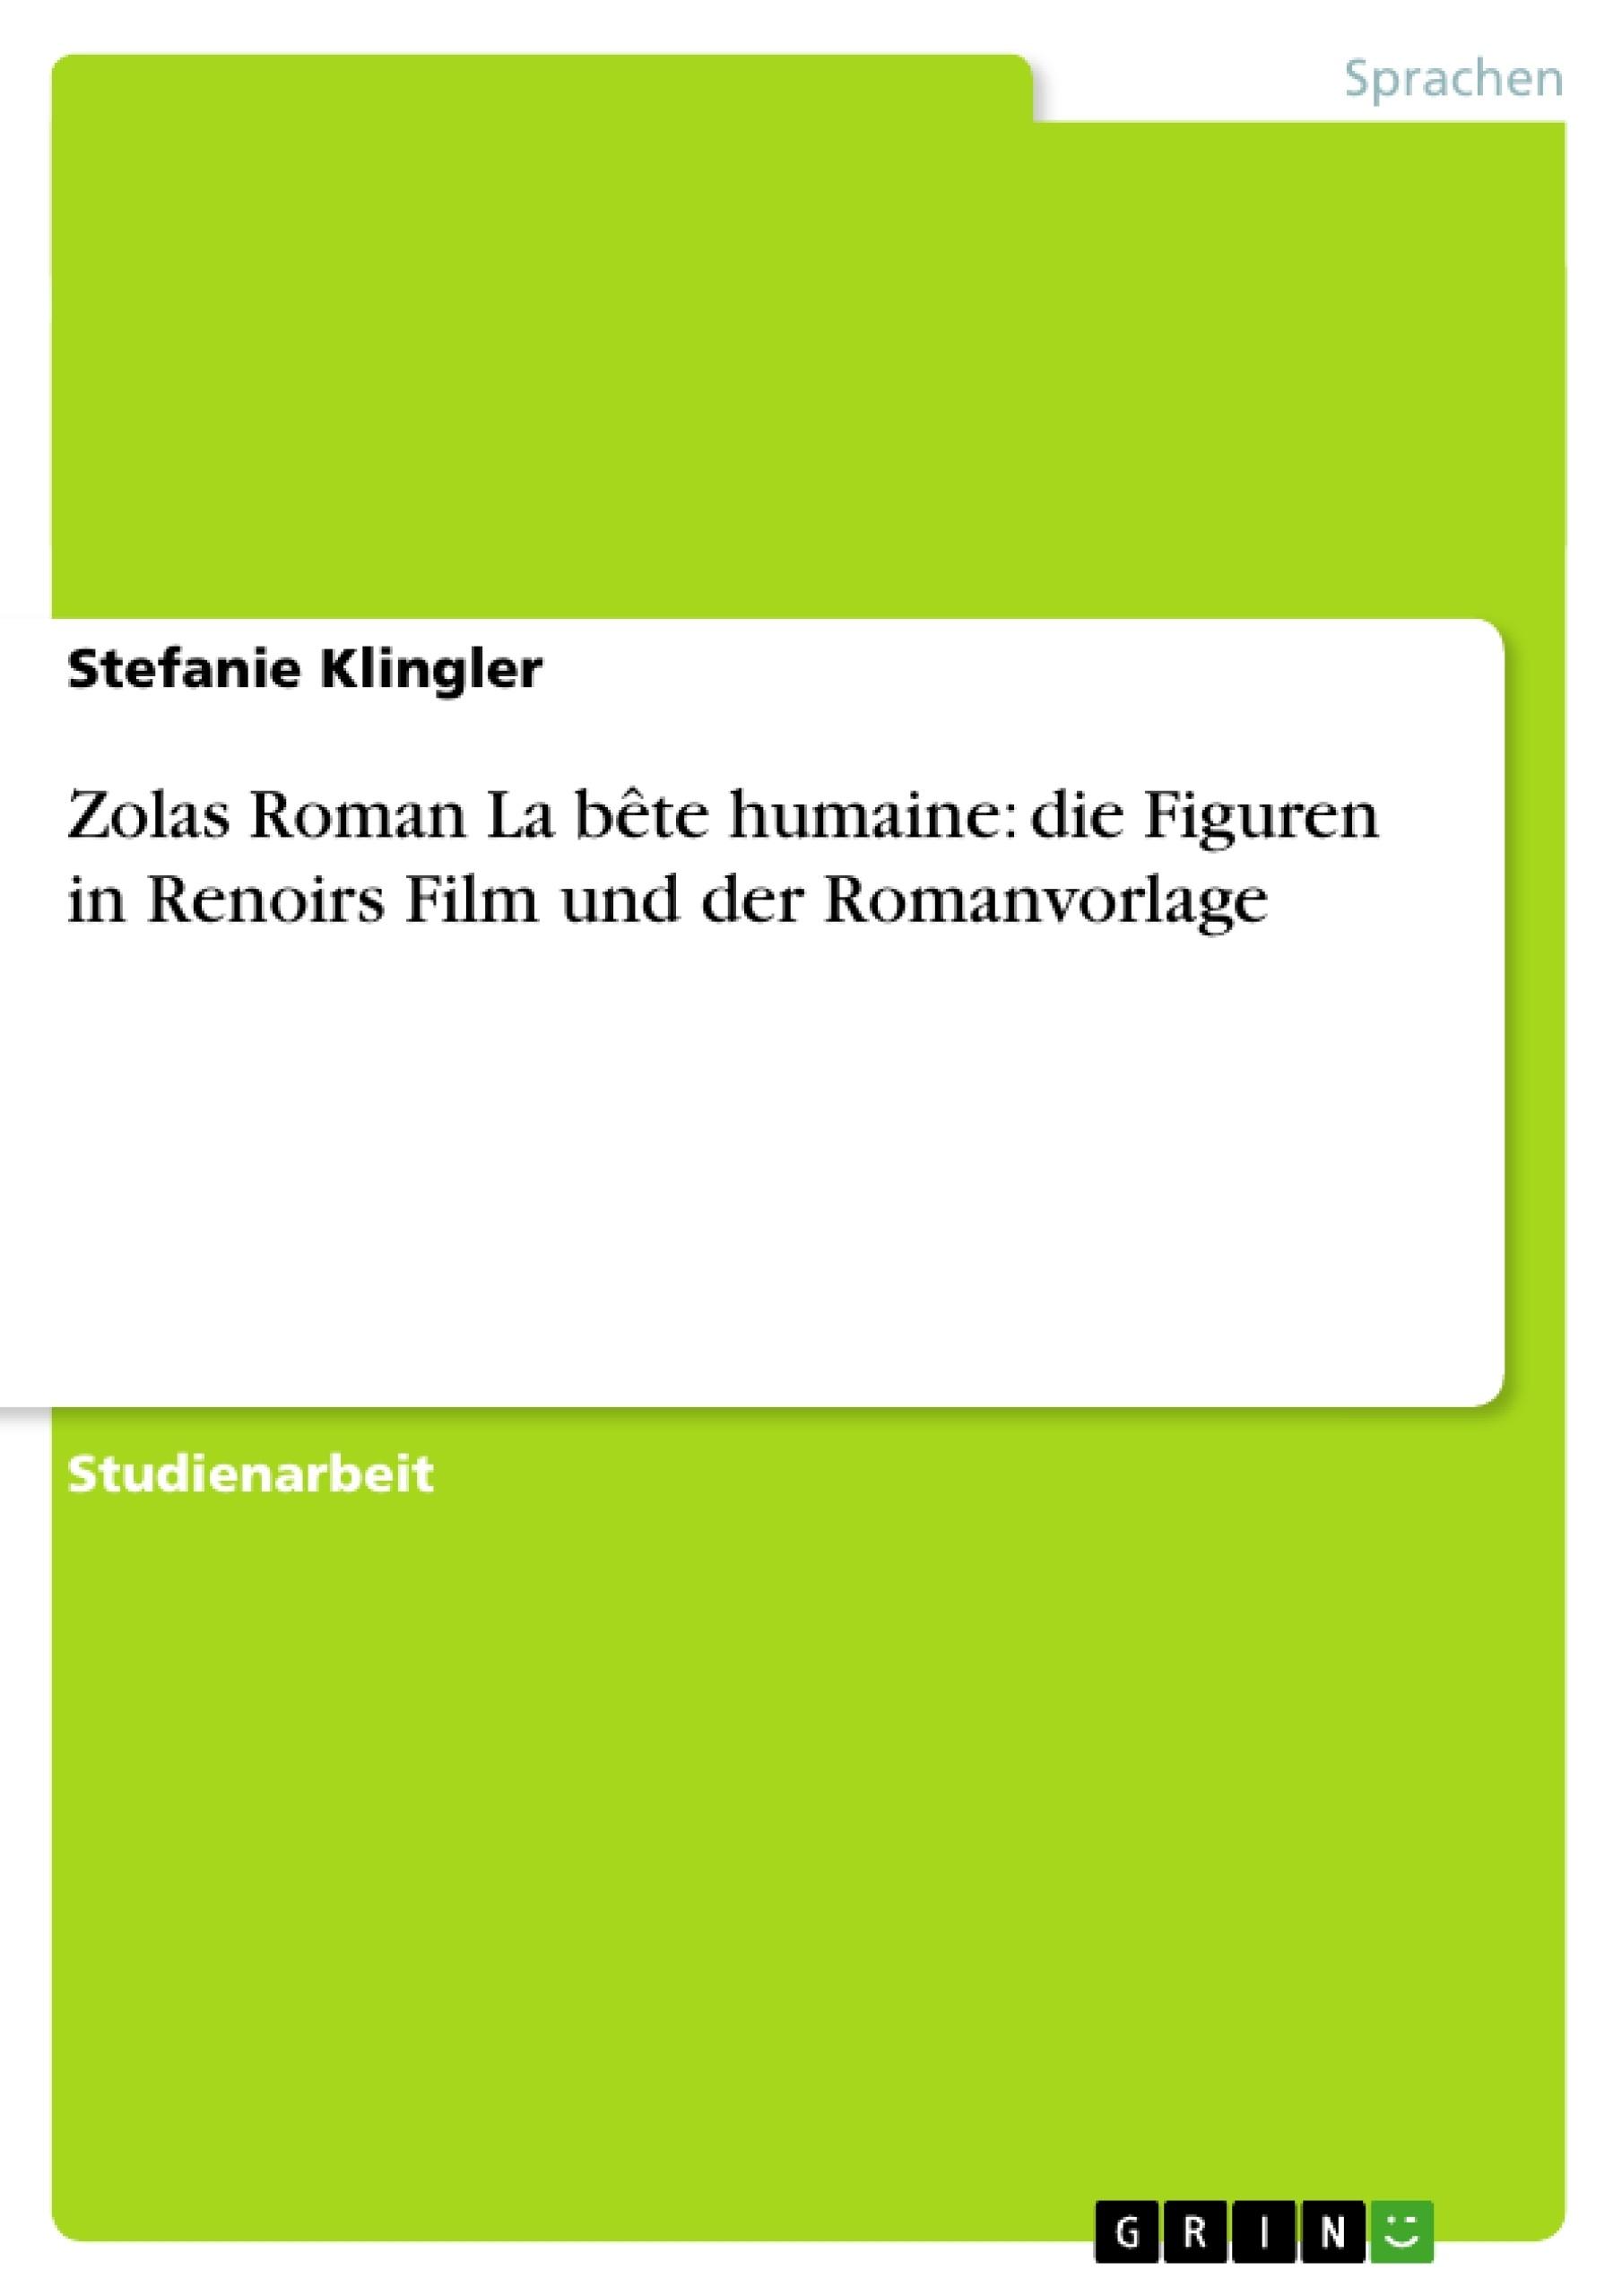 Titel: Zolas Roman La bête humaine: die Figuren in Renoirs Film und der Romanvorlage